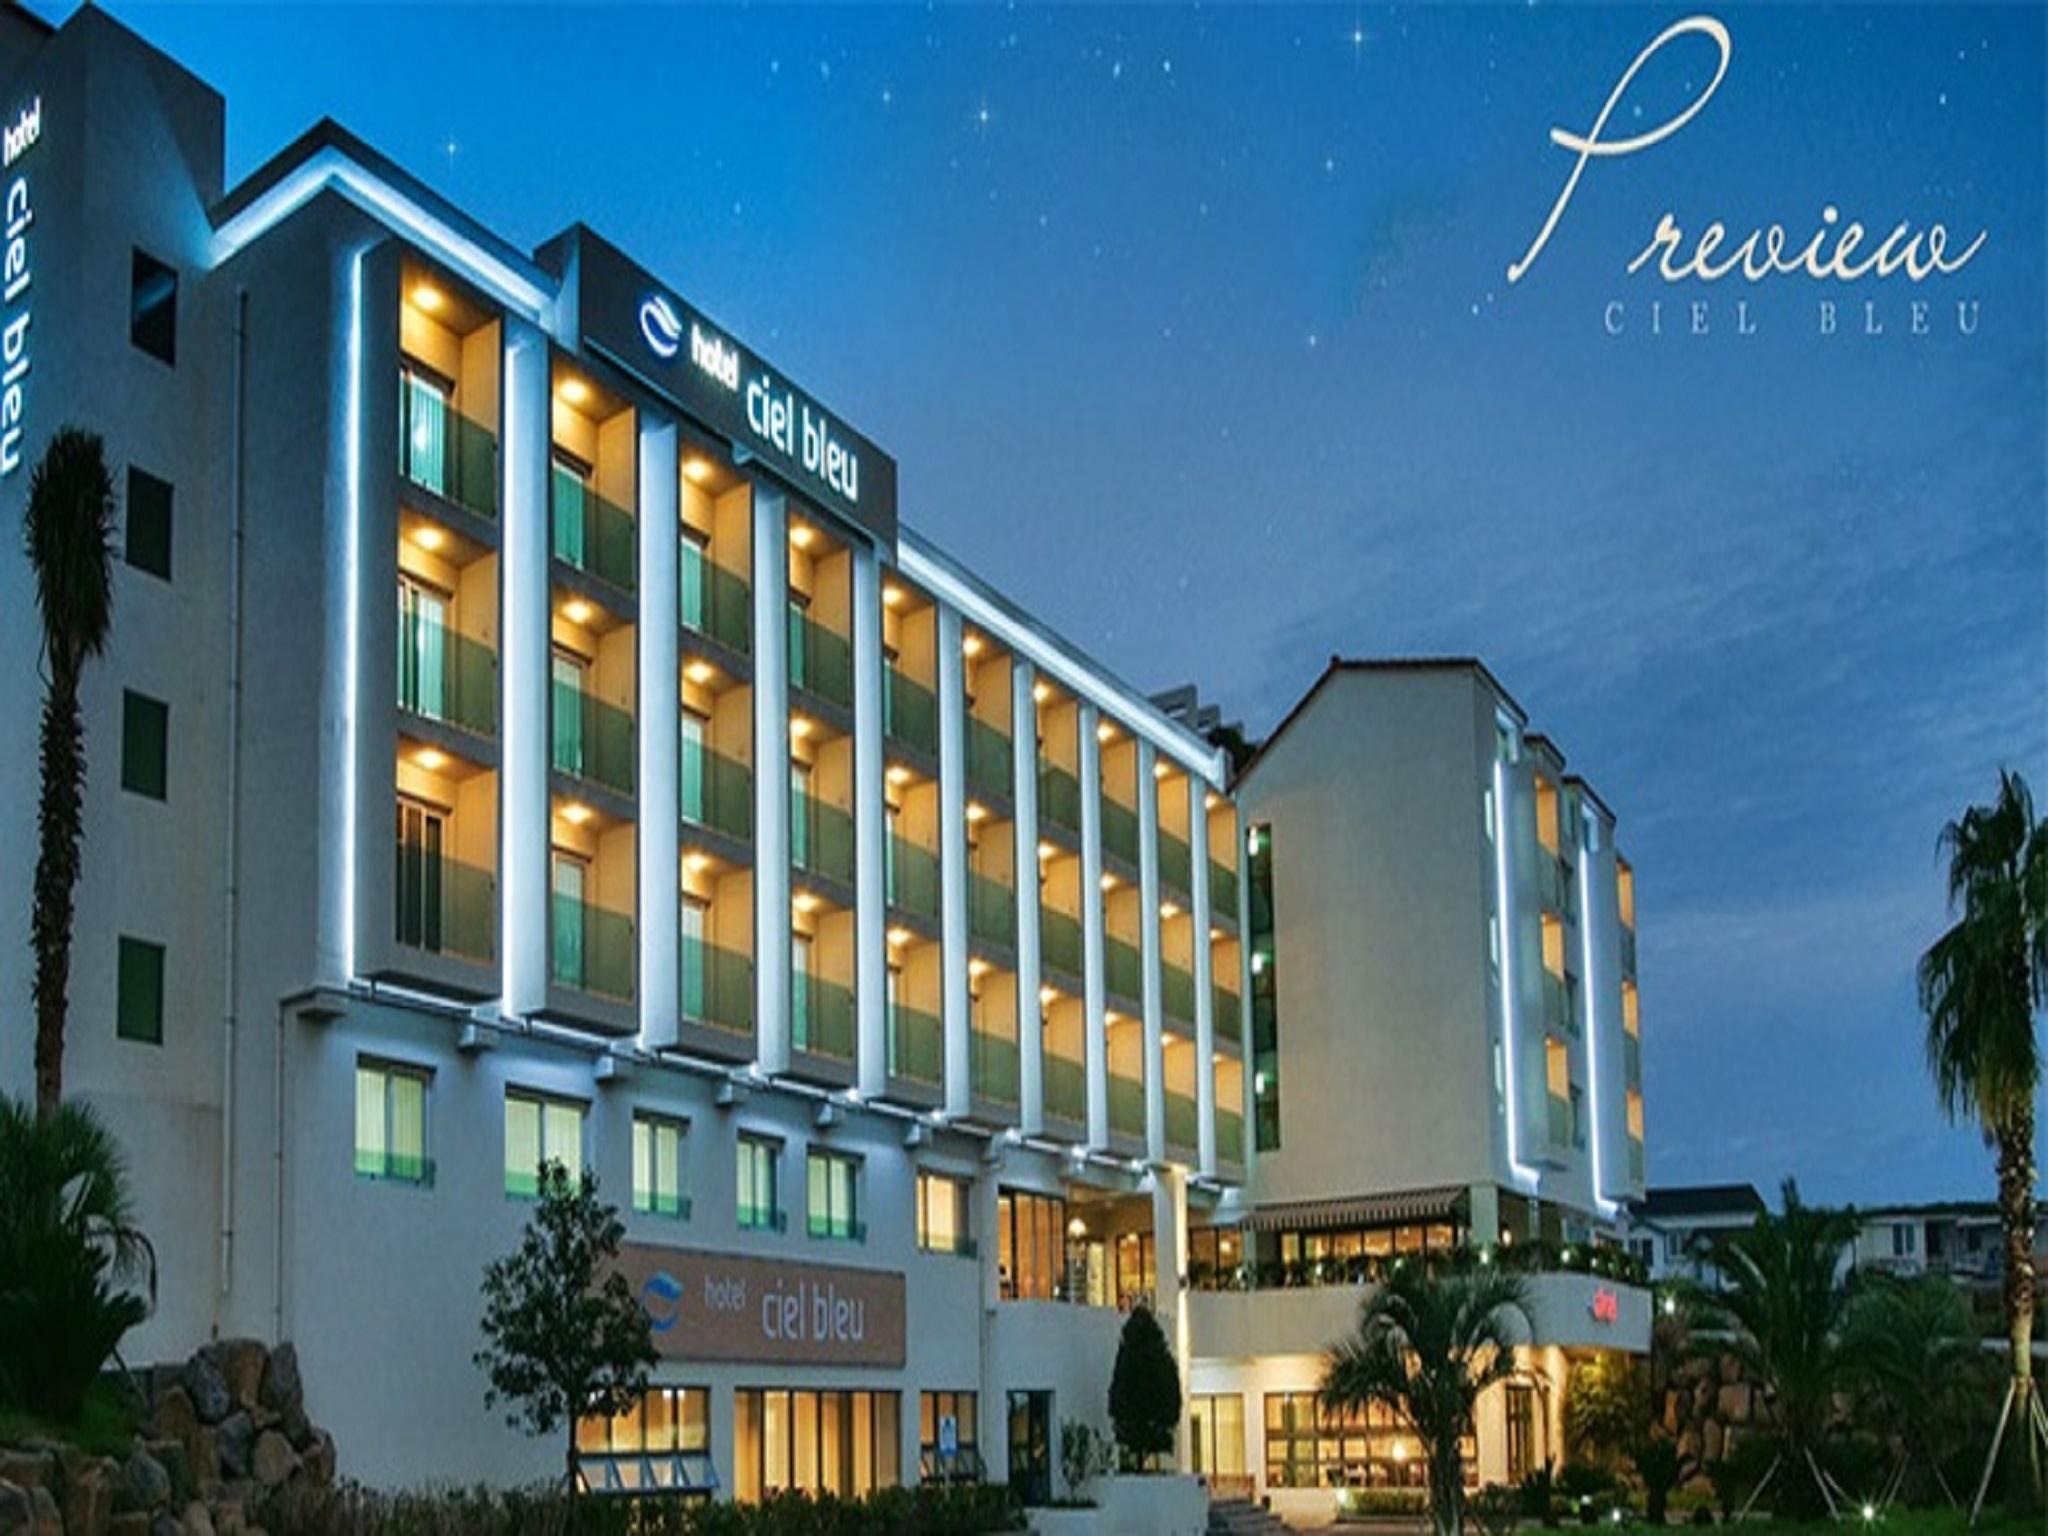 Hotel Ciel Blue